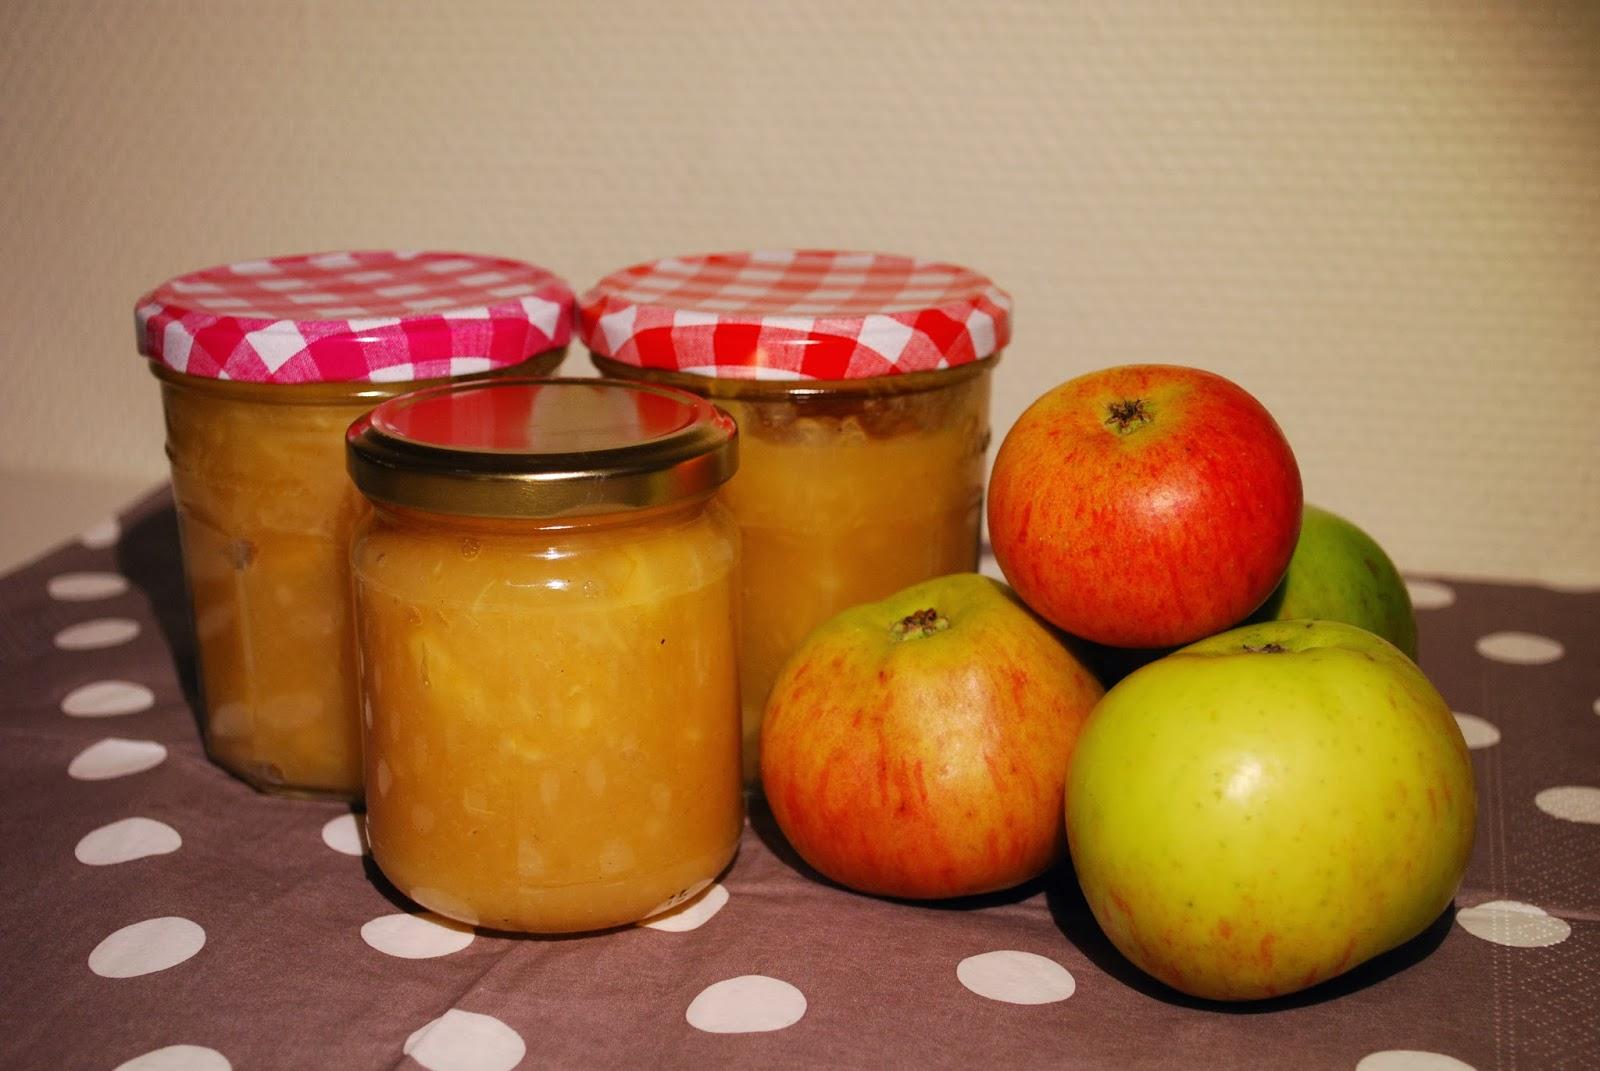 Invitation au fait maison compote de pommes du verger - Compote de poire maison ...